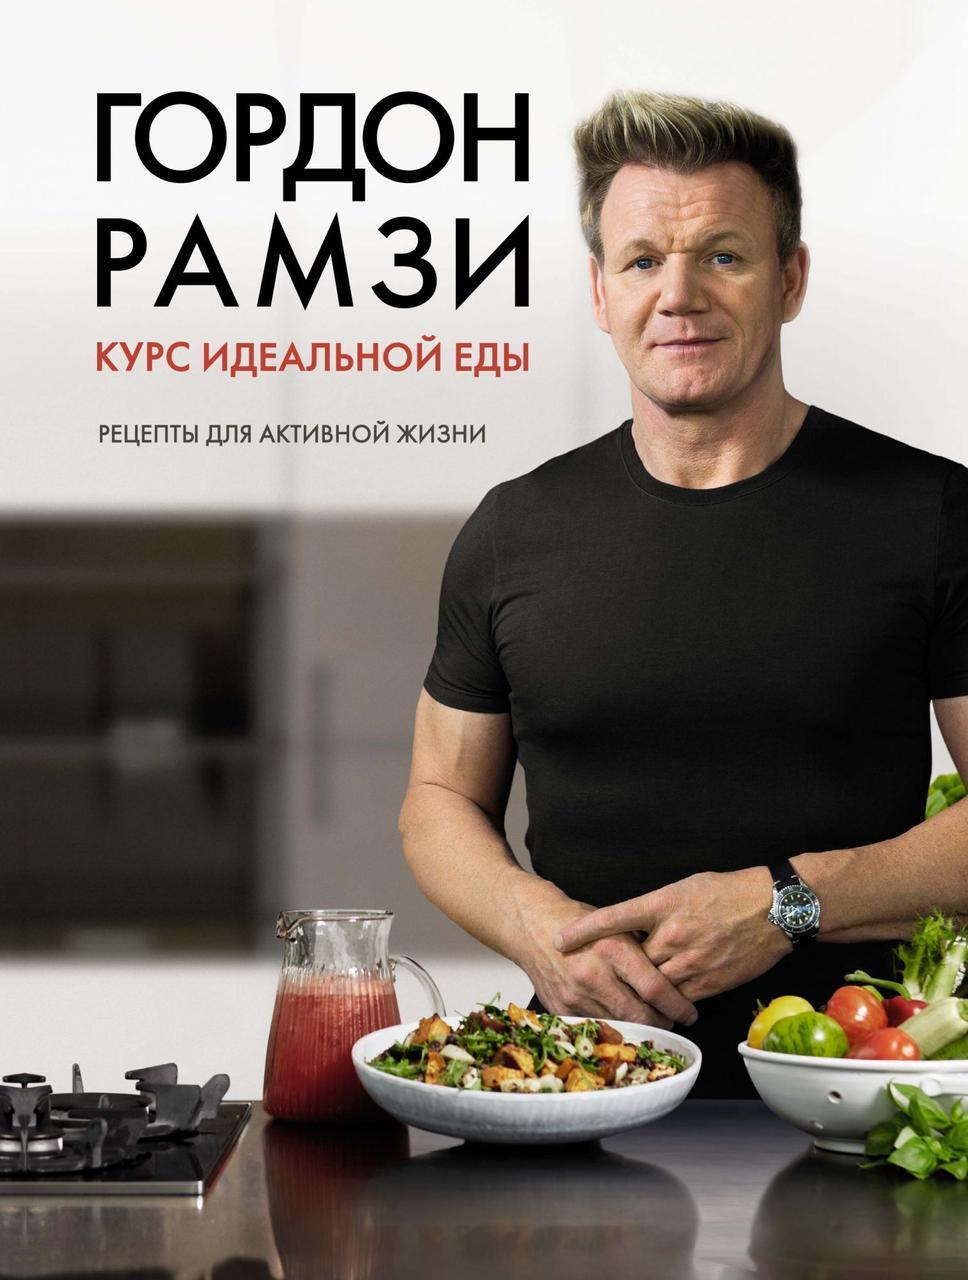 Курс идеальной еды. Рецепты для активной жизни. Гордон Рамзи.